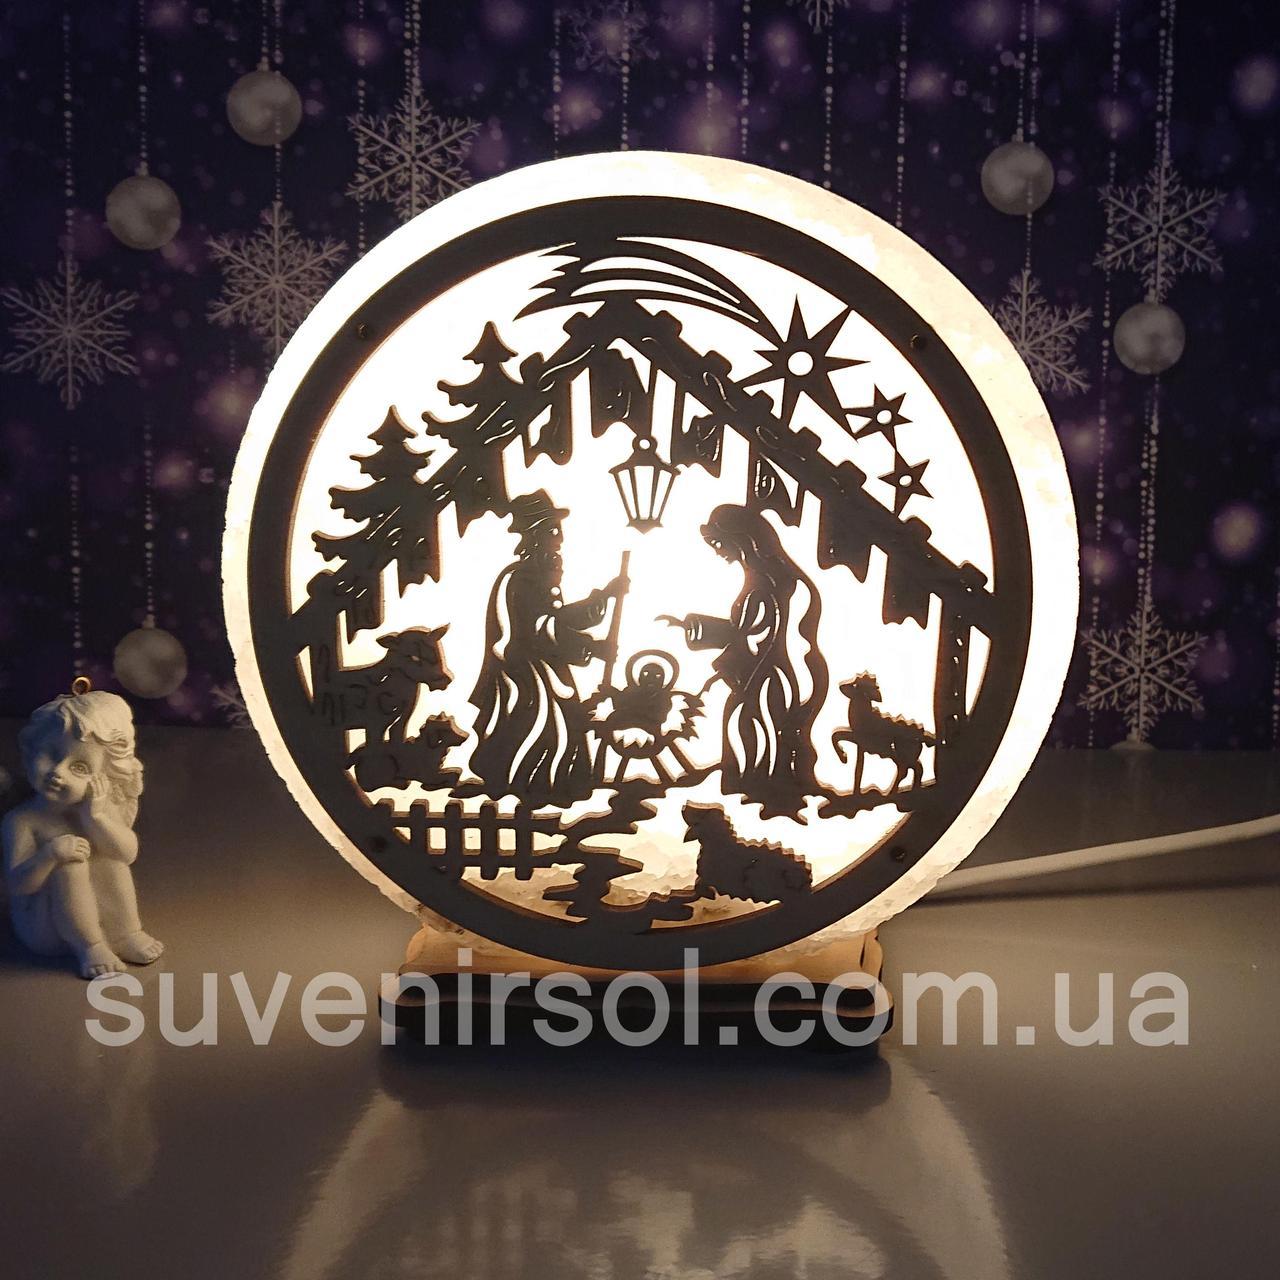 Соляной светильник круглый Вертеп